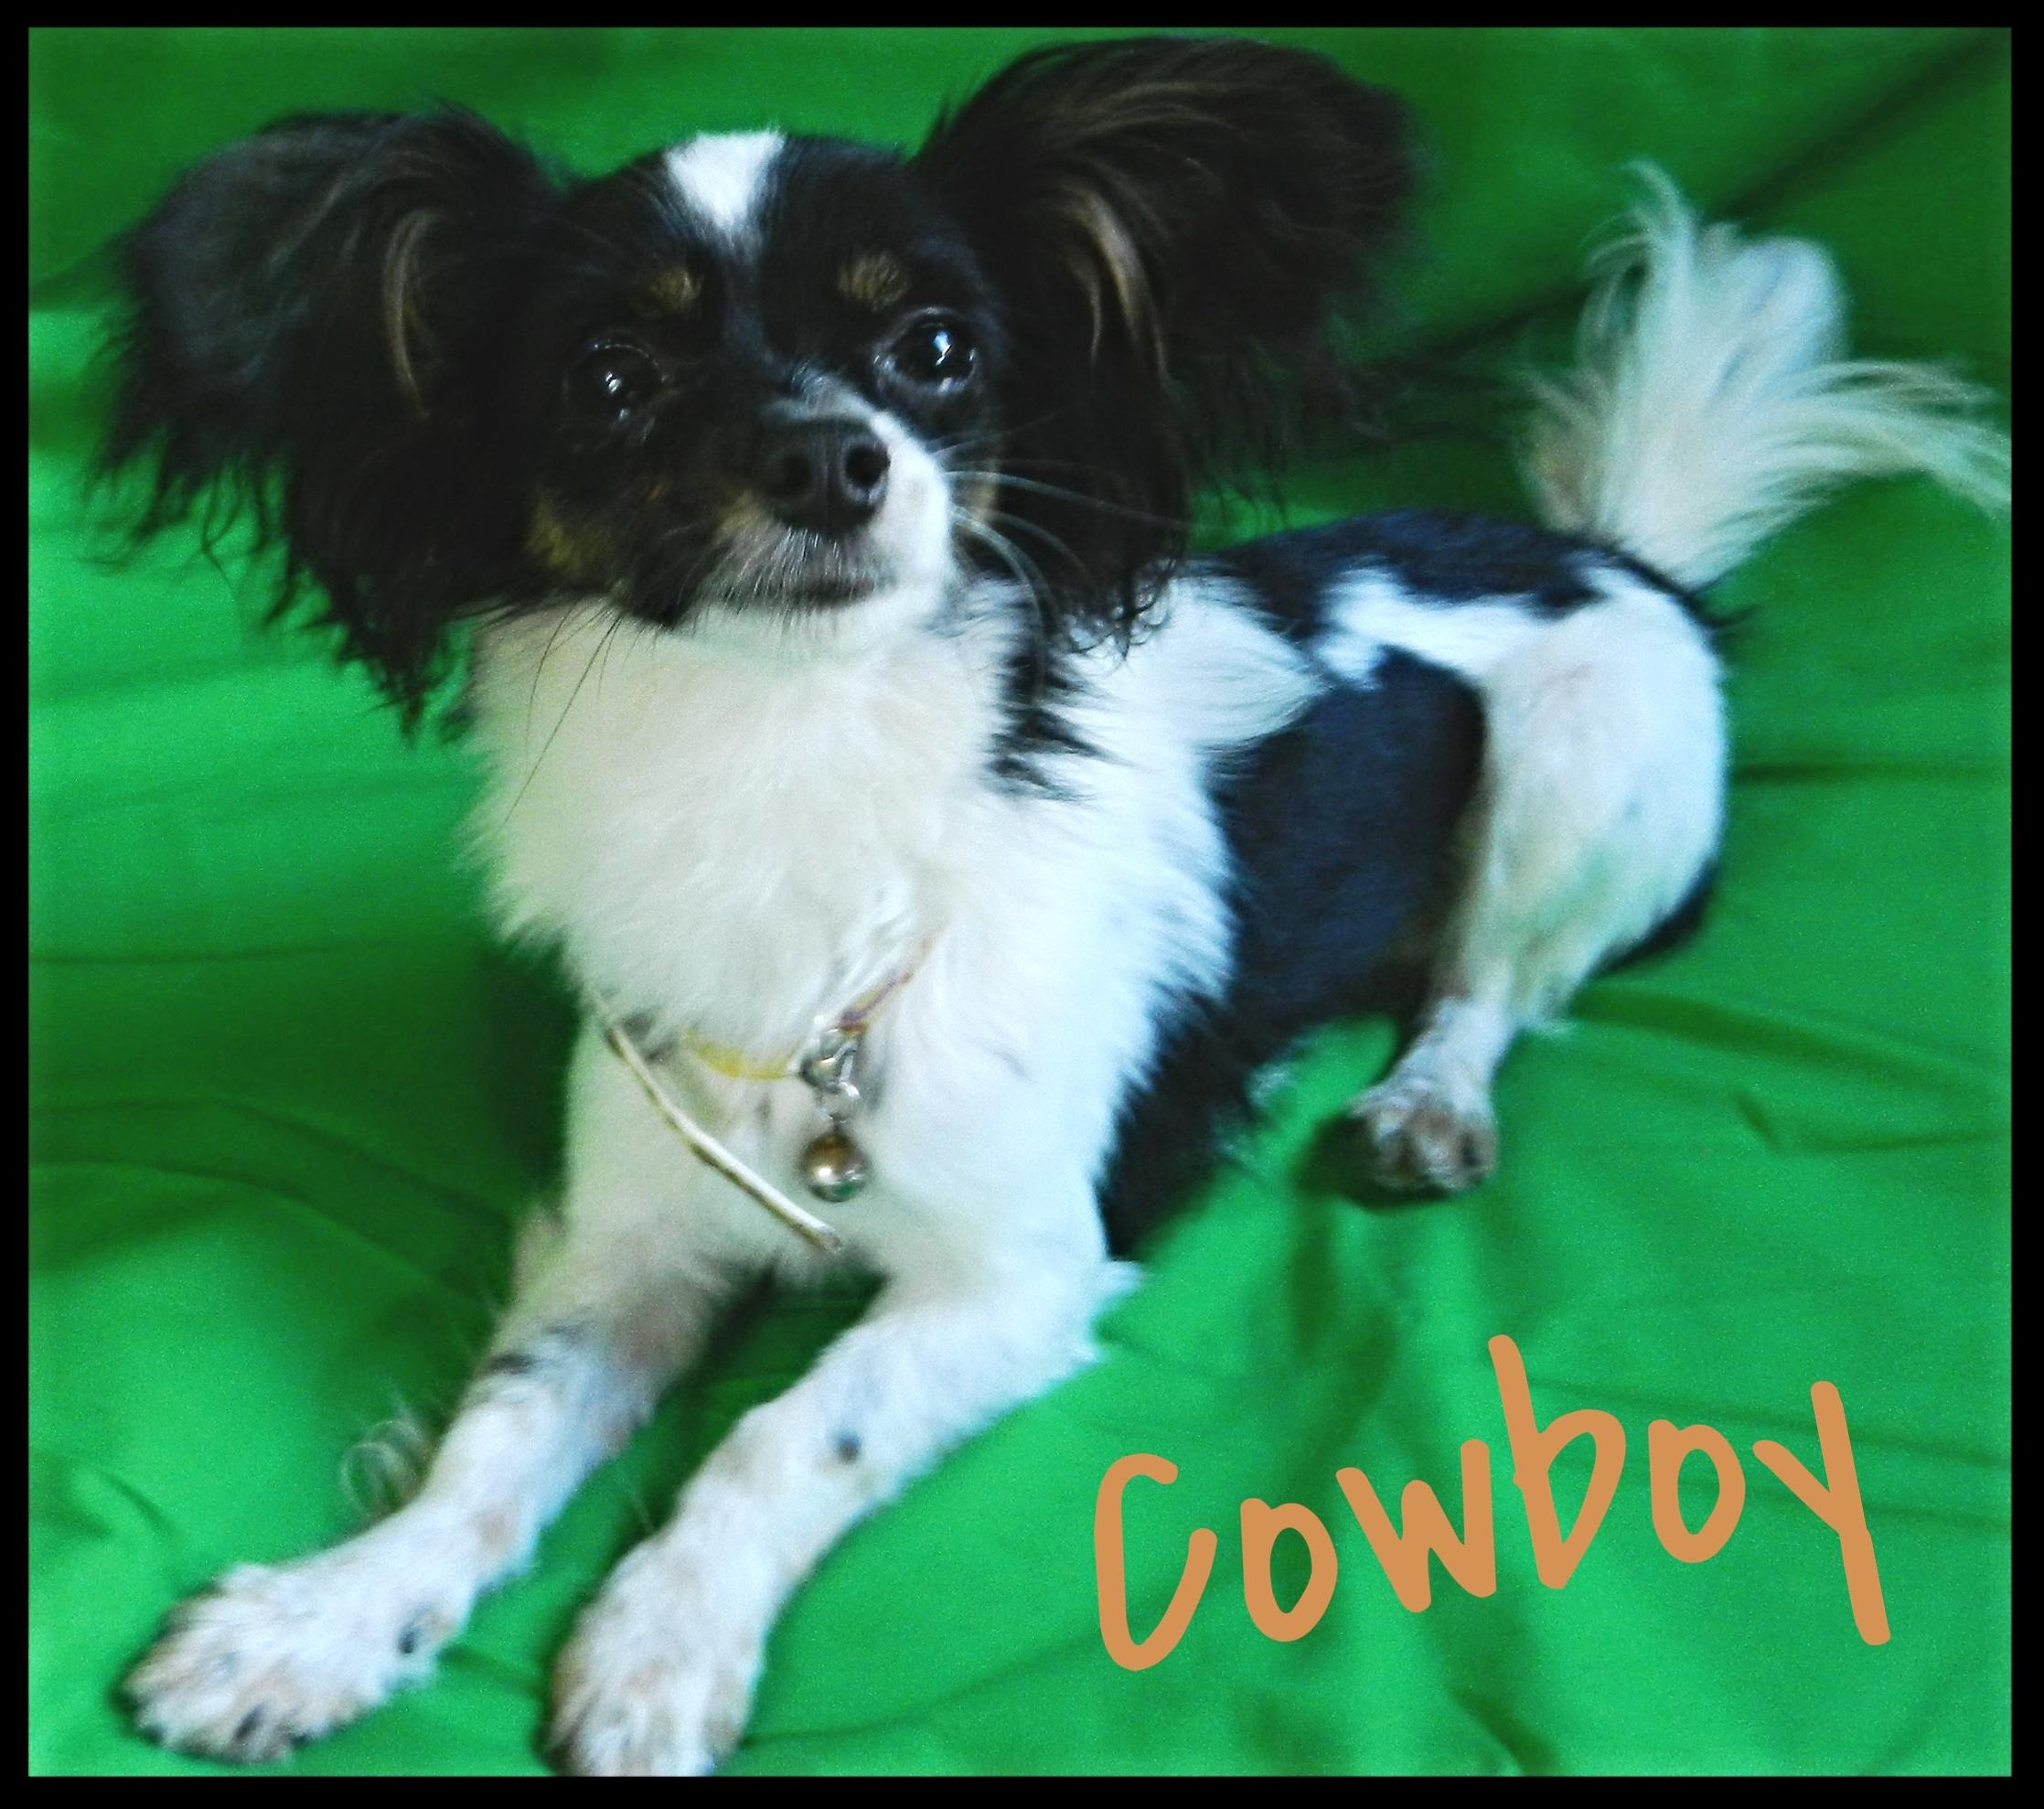 Cowboy Papillon Adoptable